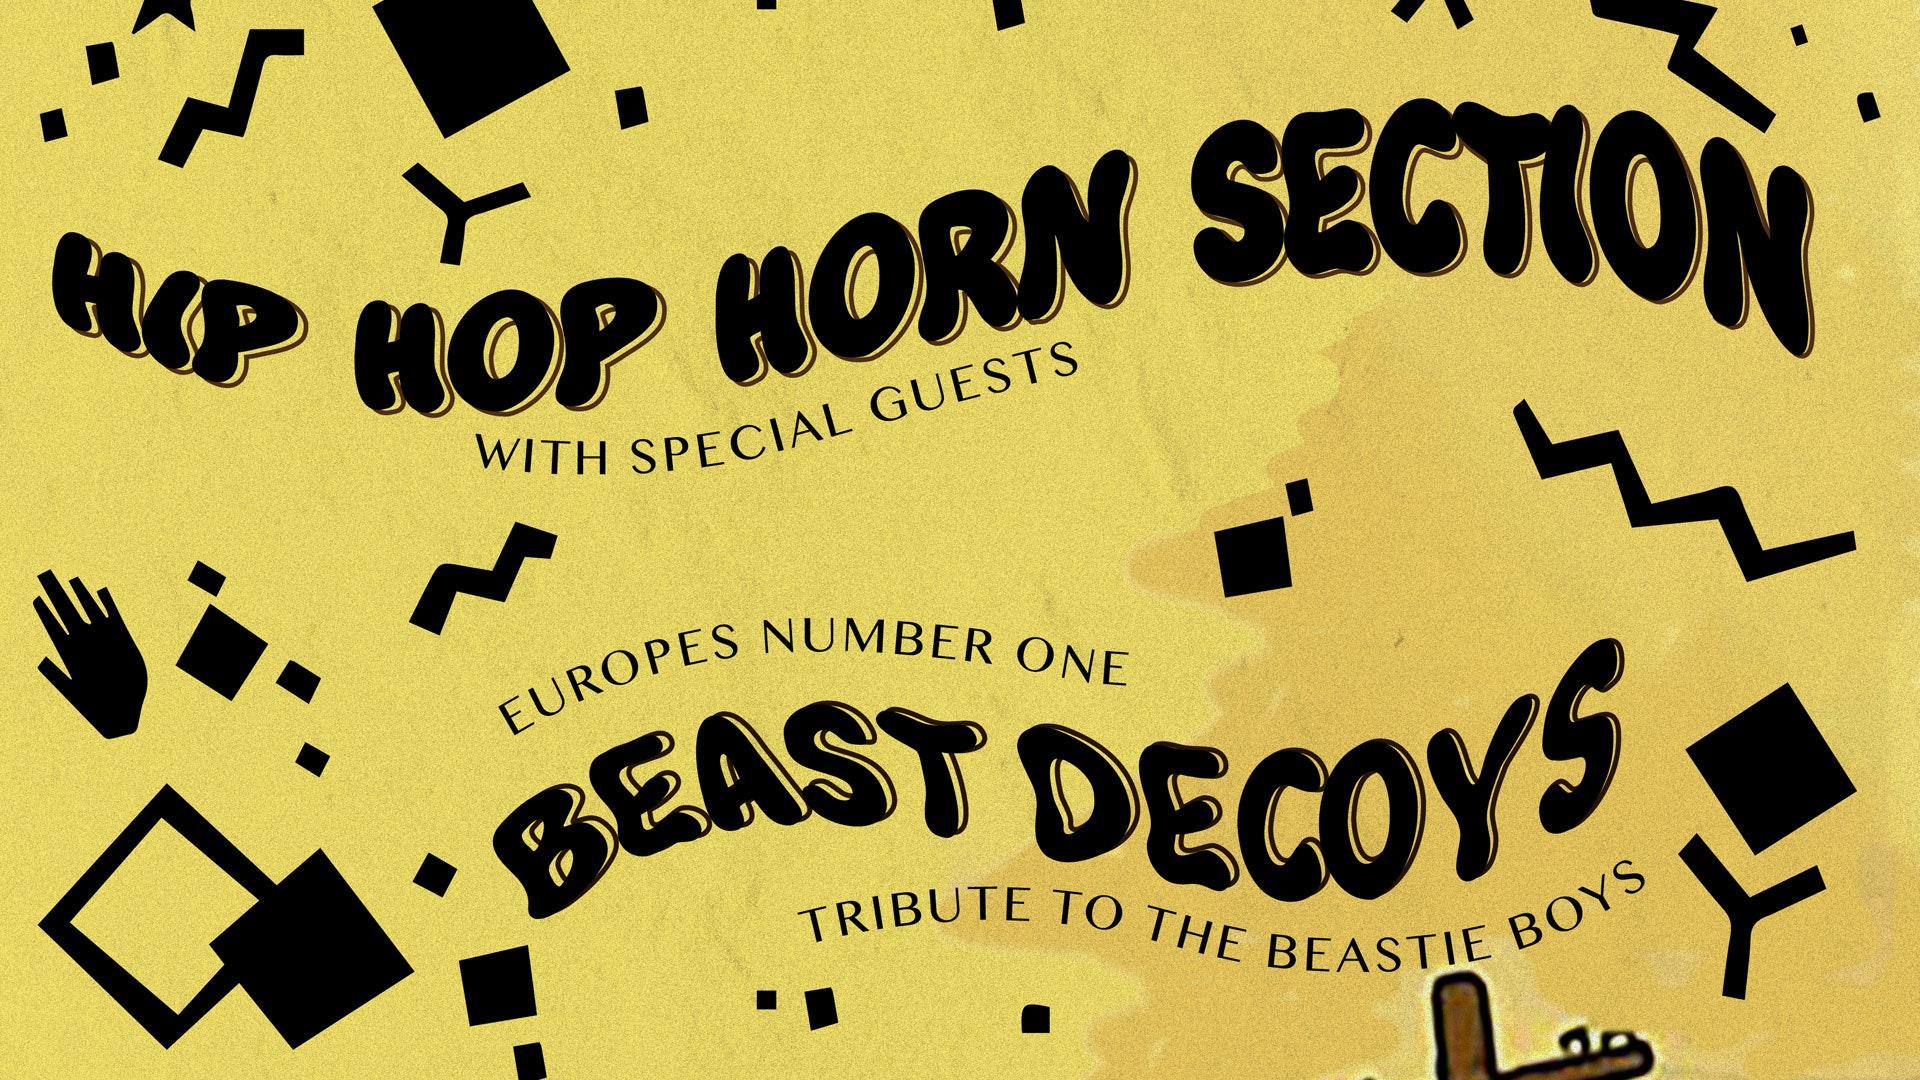 Hip Hop Horn Section + the Beast Decoys